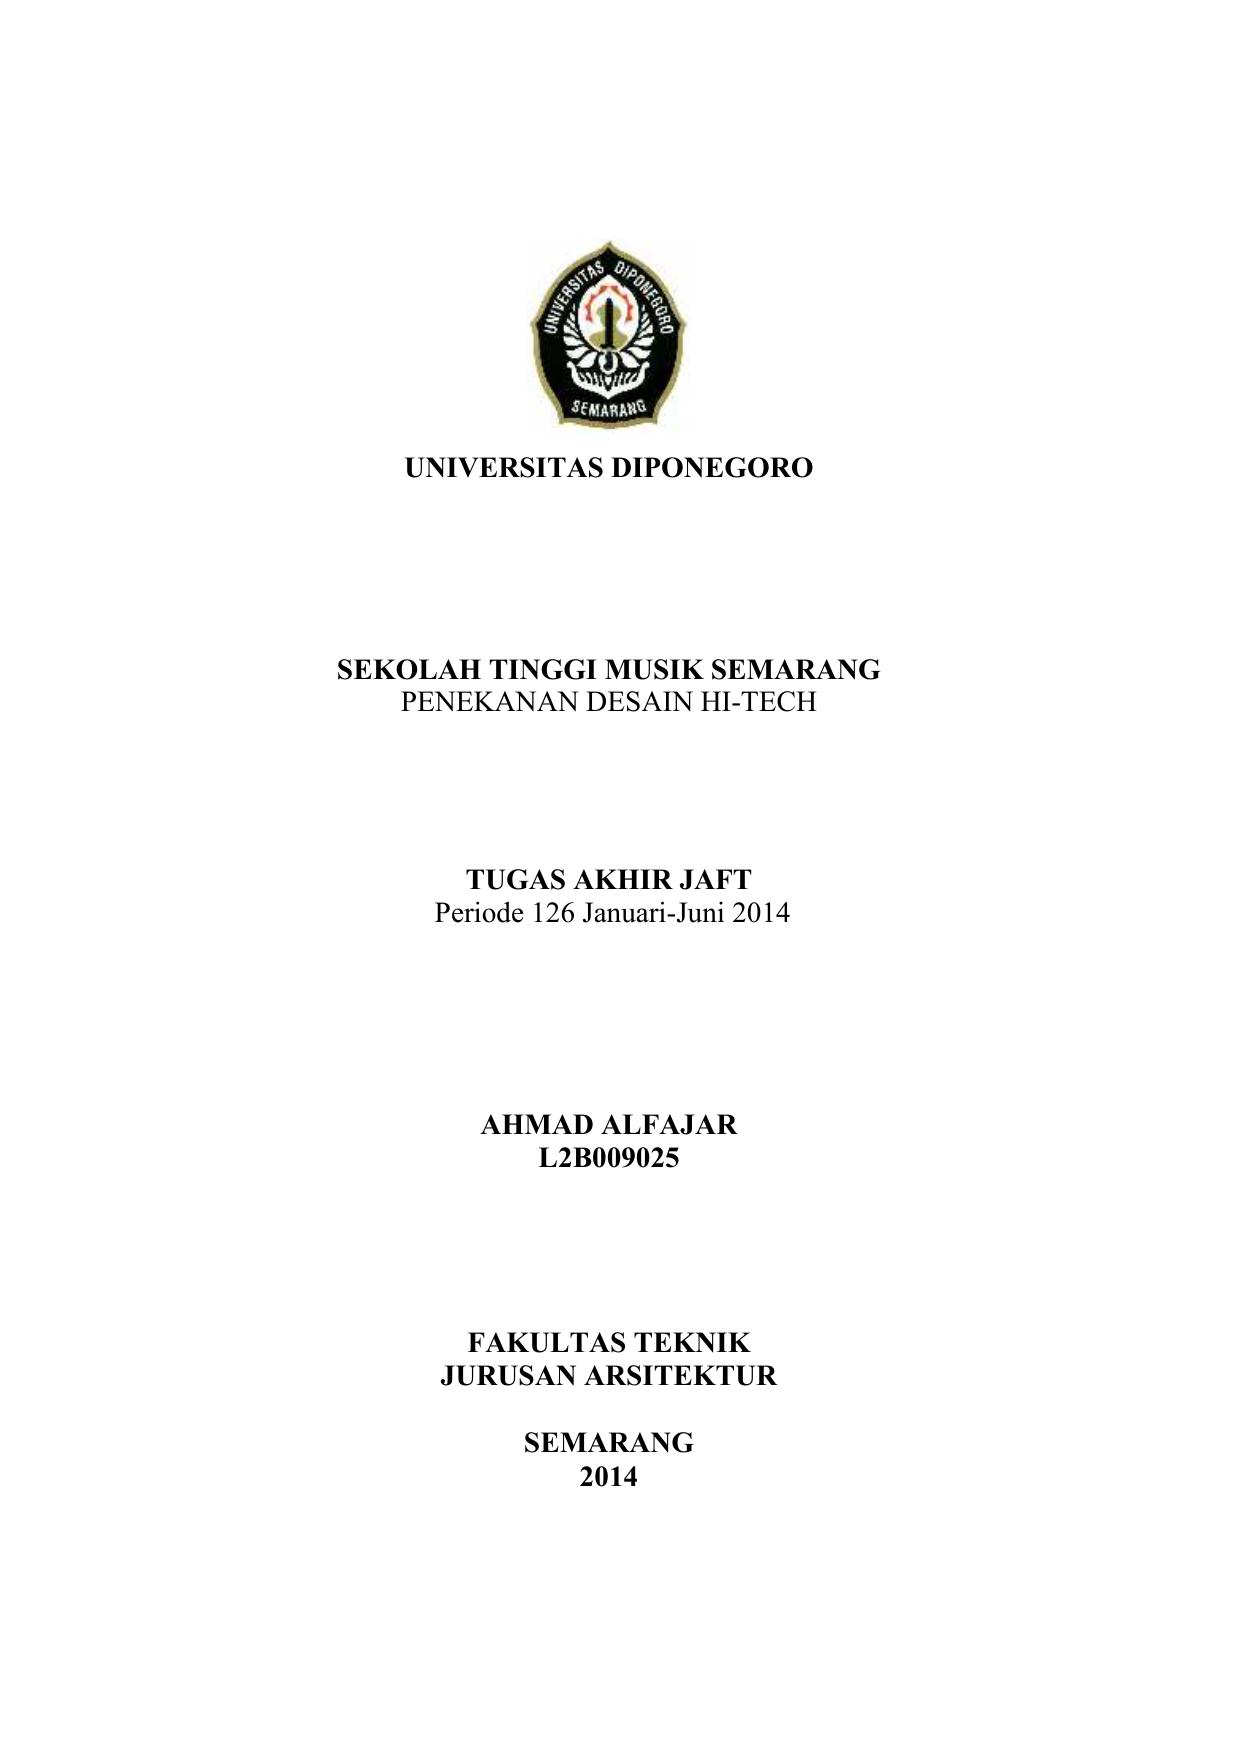 Universitas Diponegoro Sekolah Tinggi Musik